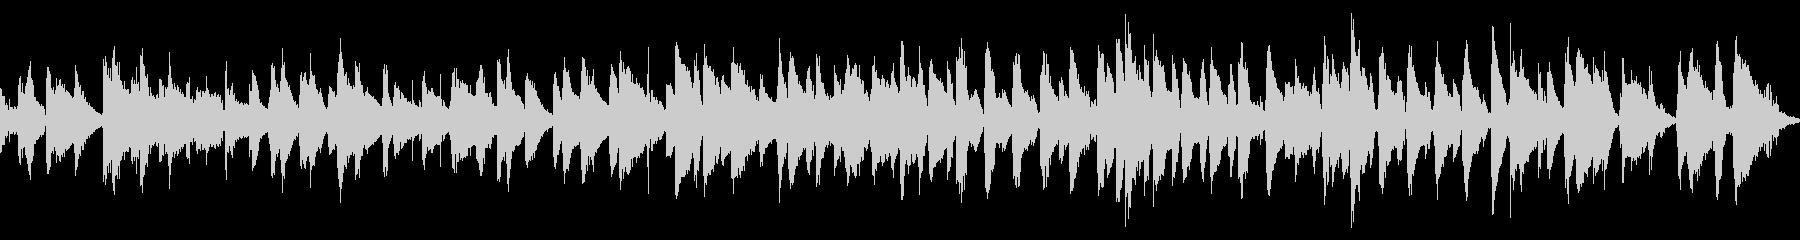 おしゃれなバーをイメージしたピアノジャズの未再生の波形